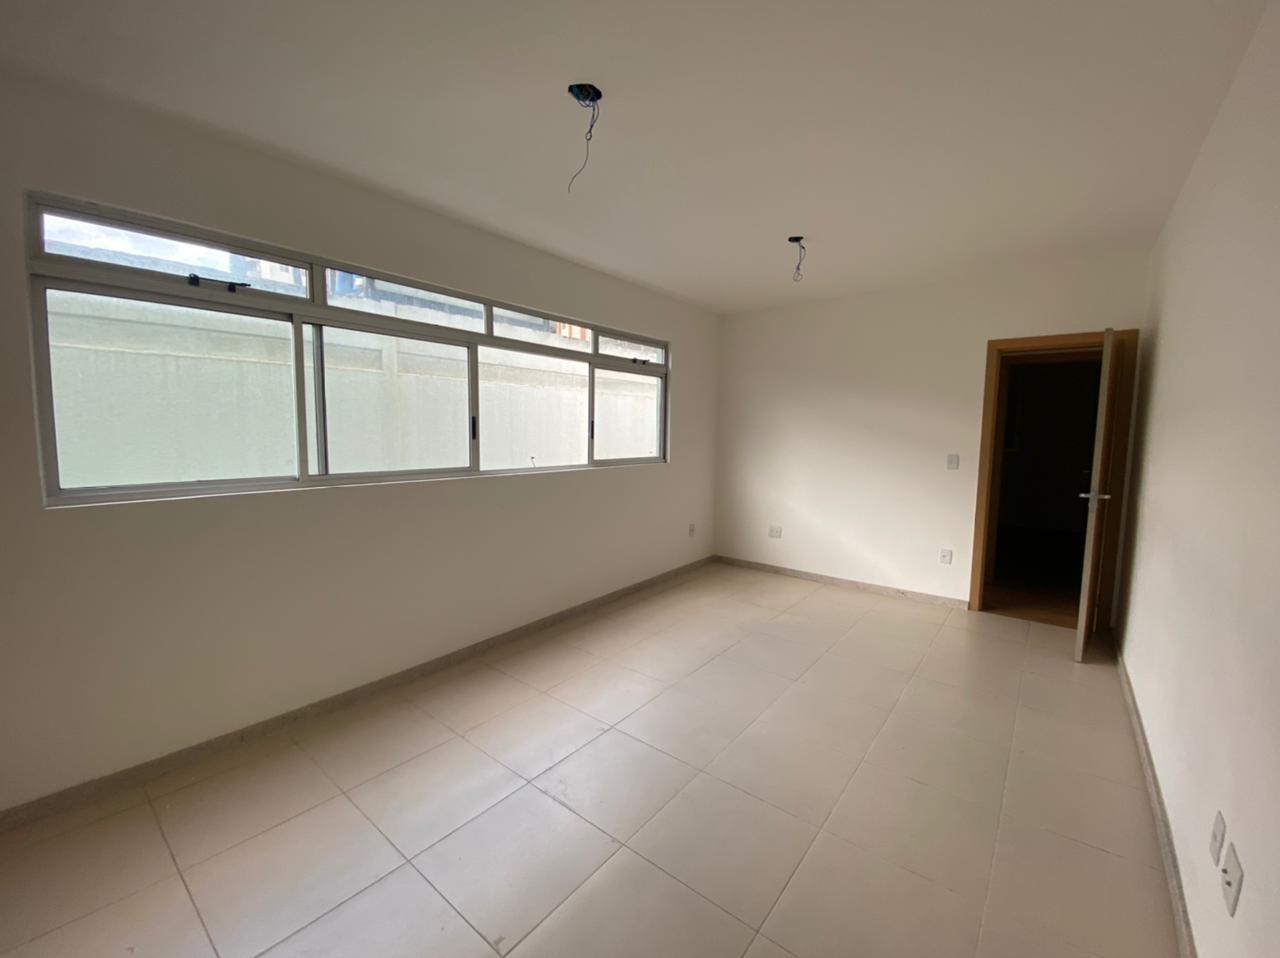 Área privativa de 98,00m²,  à venda